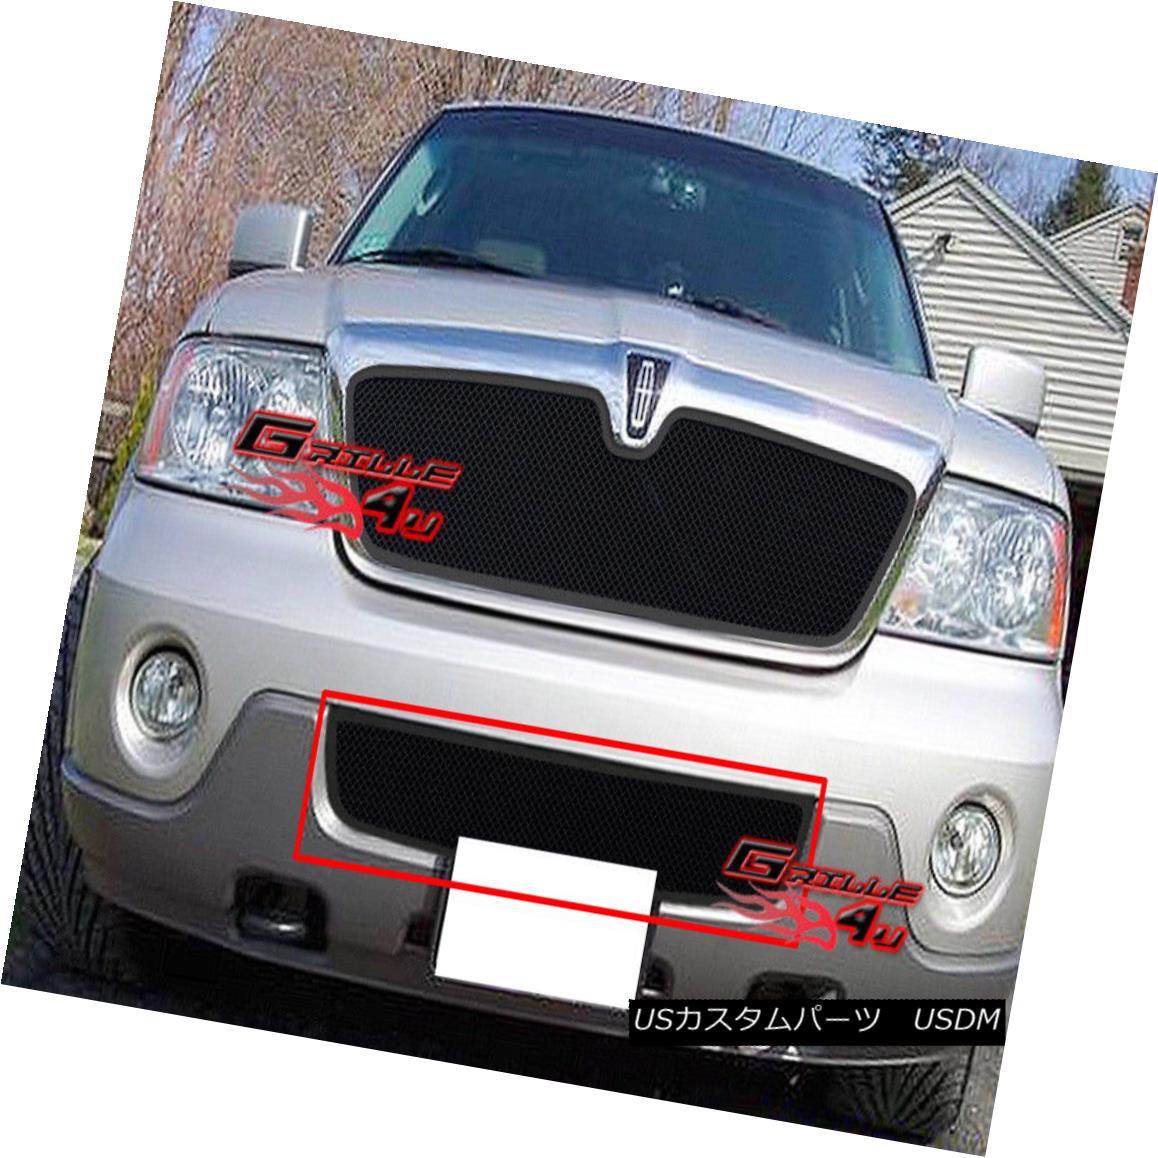 グリル For 03-04 Lincoln Navigator Bumper Black Mesh Grille Insert 03-04リンカーンナビゲーターバンパーブラックメッシュグリルインサート